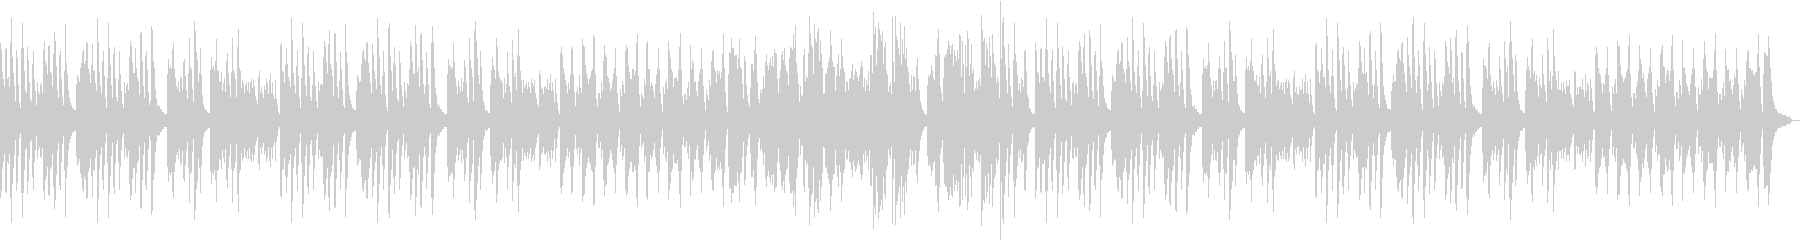 ゆっくりしたピアノ曲の未再生の波形